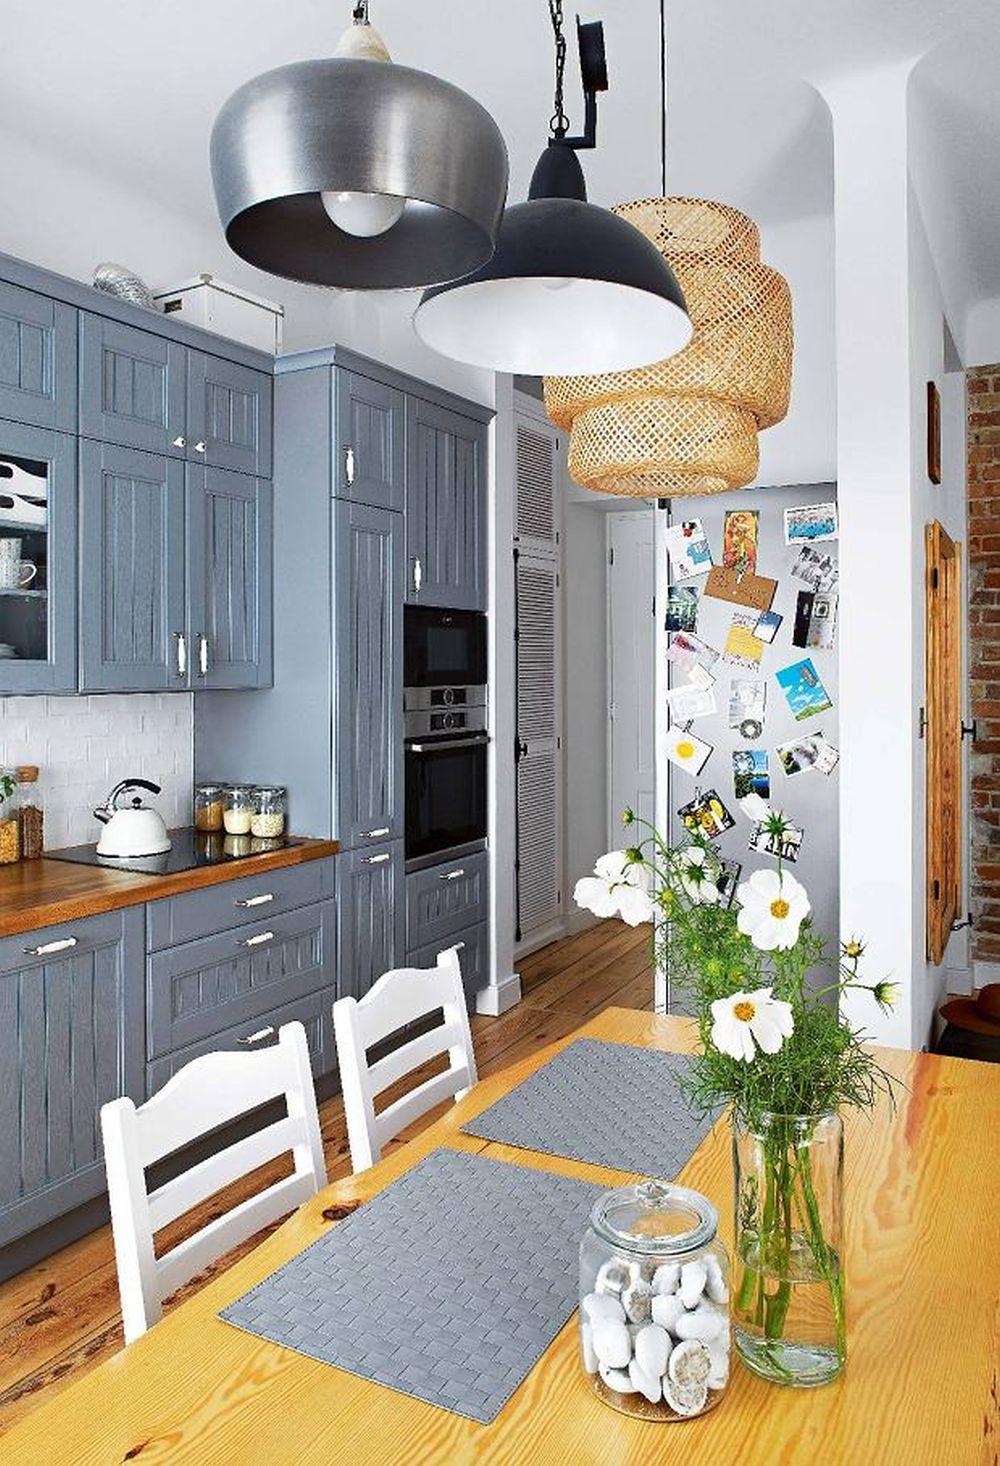 adelaparvu.com despre apartament de 2 camere, 50 mp, Polonia, designer Kamila Kuboth-Schuchardt, Foto Michał Mutor (5)